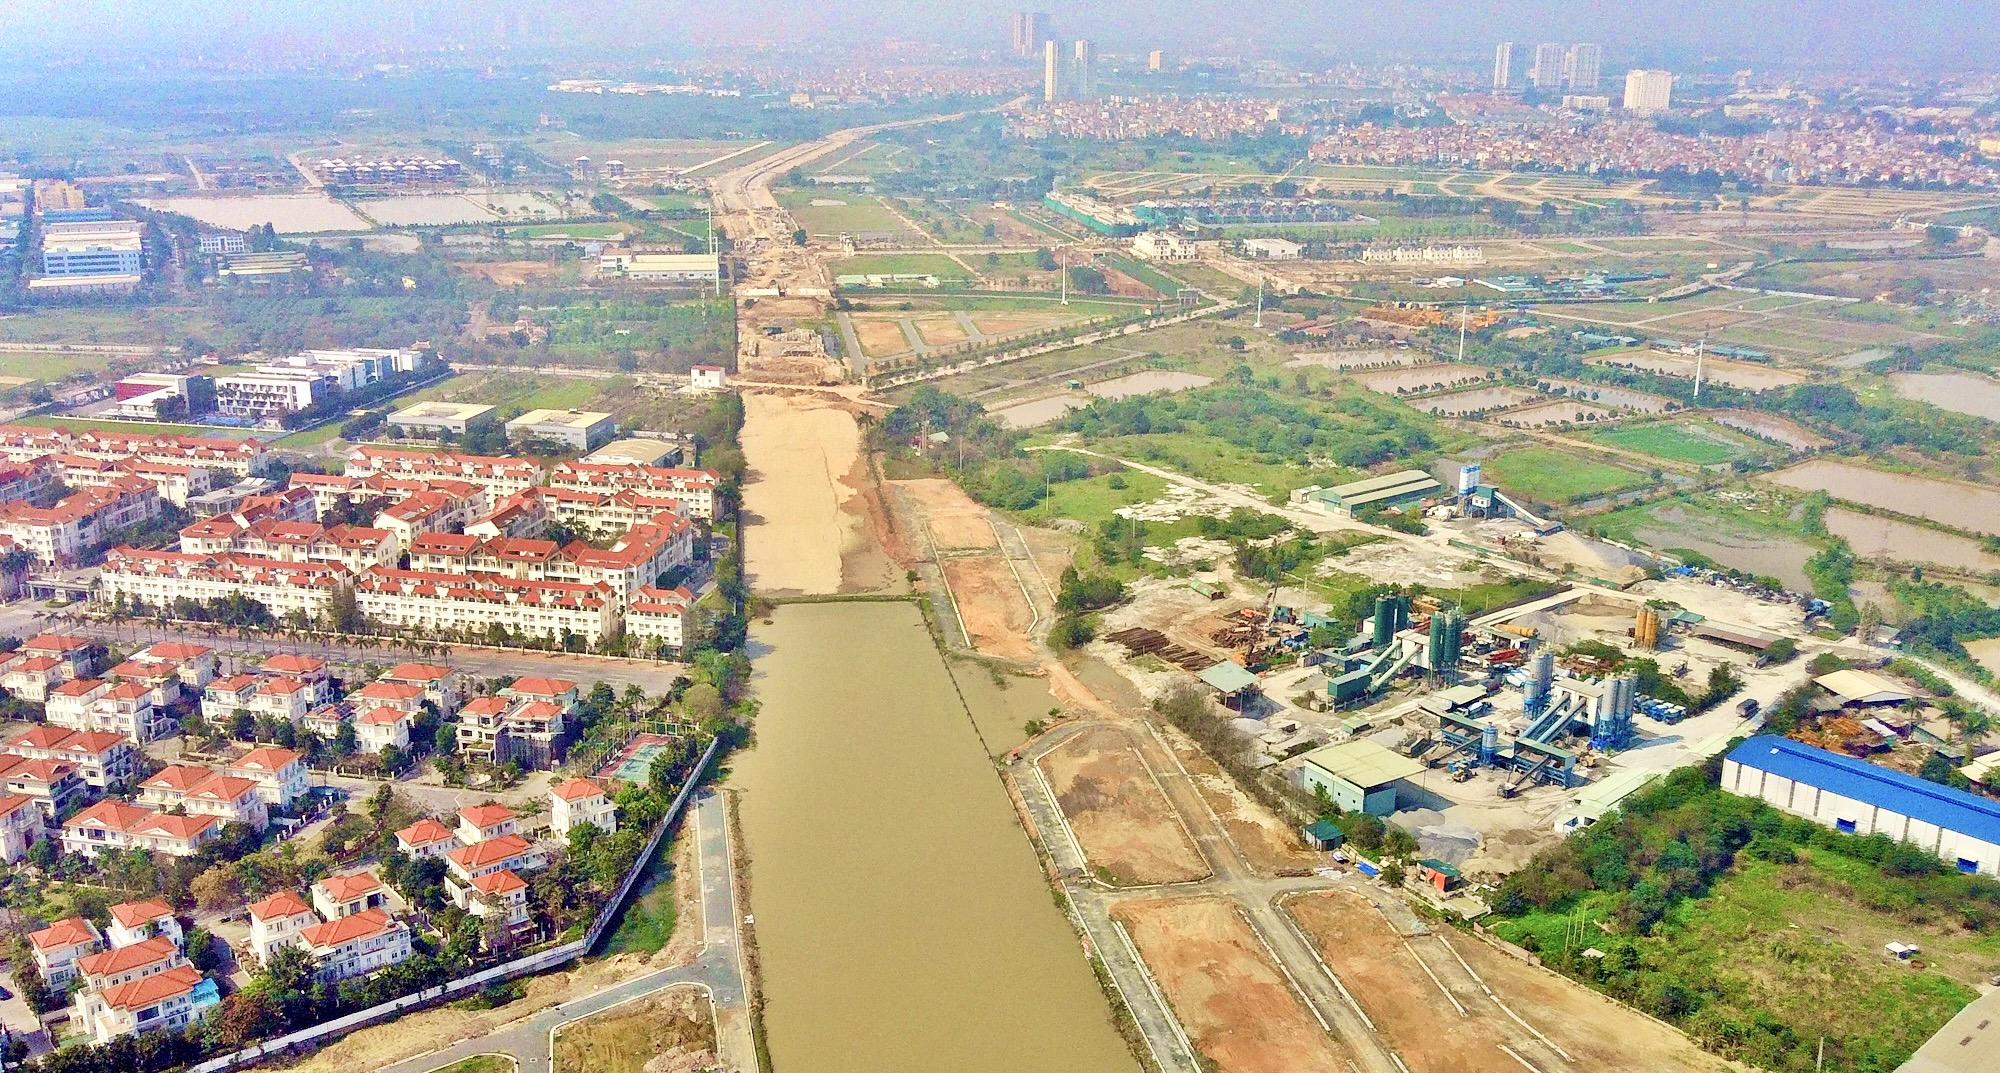 Duyệt kế hoạch sử dụng đất huyện Hoài Đức năm 2021, hoàn thiện dự án vành đai 3,5 - Ảnh 1.